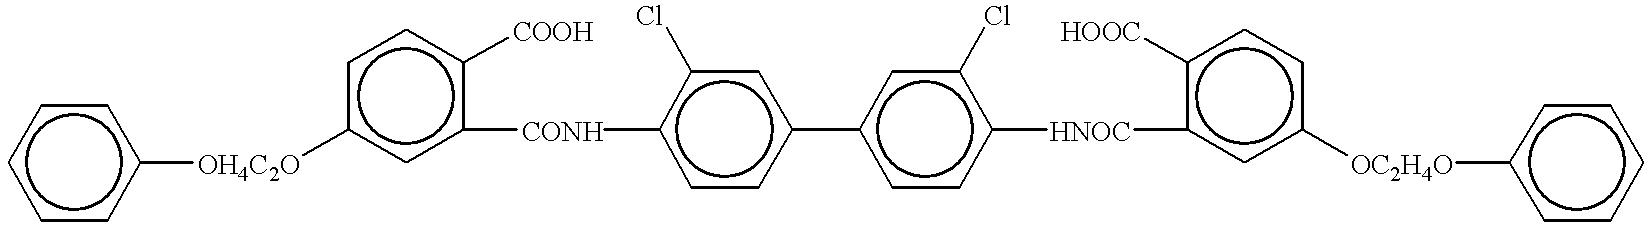 Figure US06180560-20010130-C00445